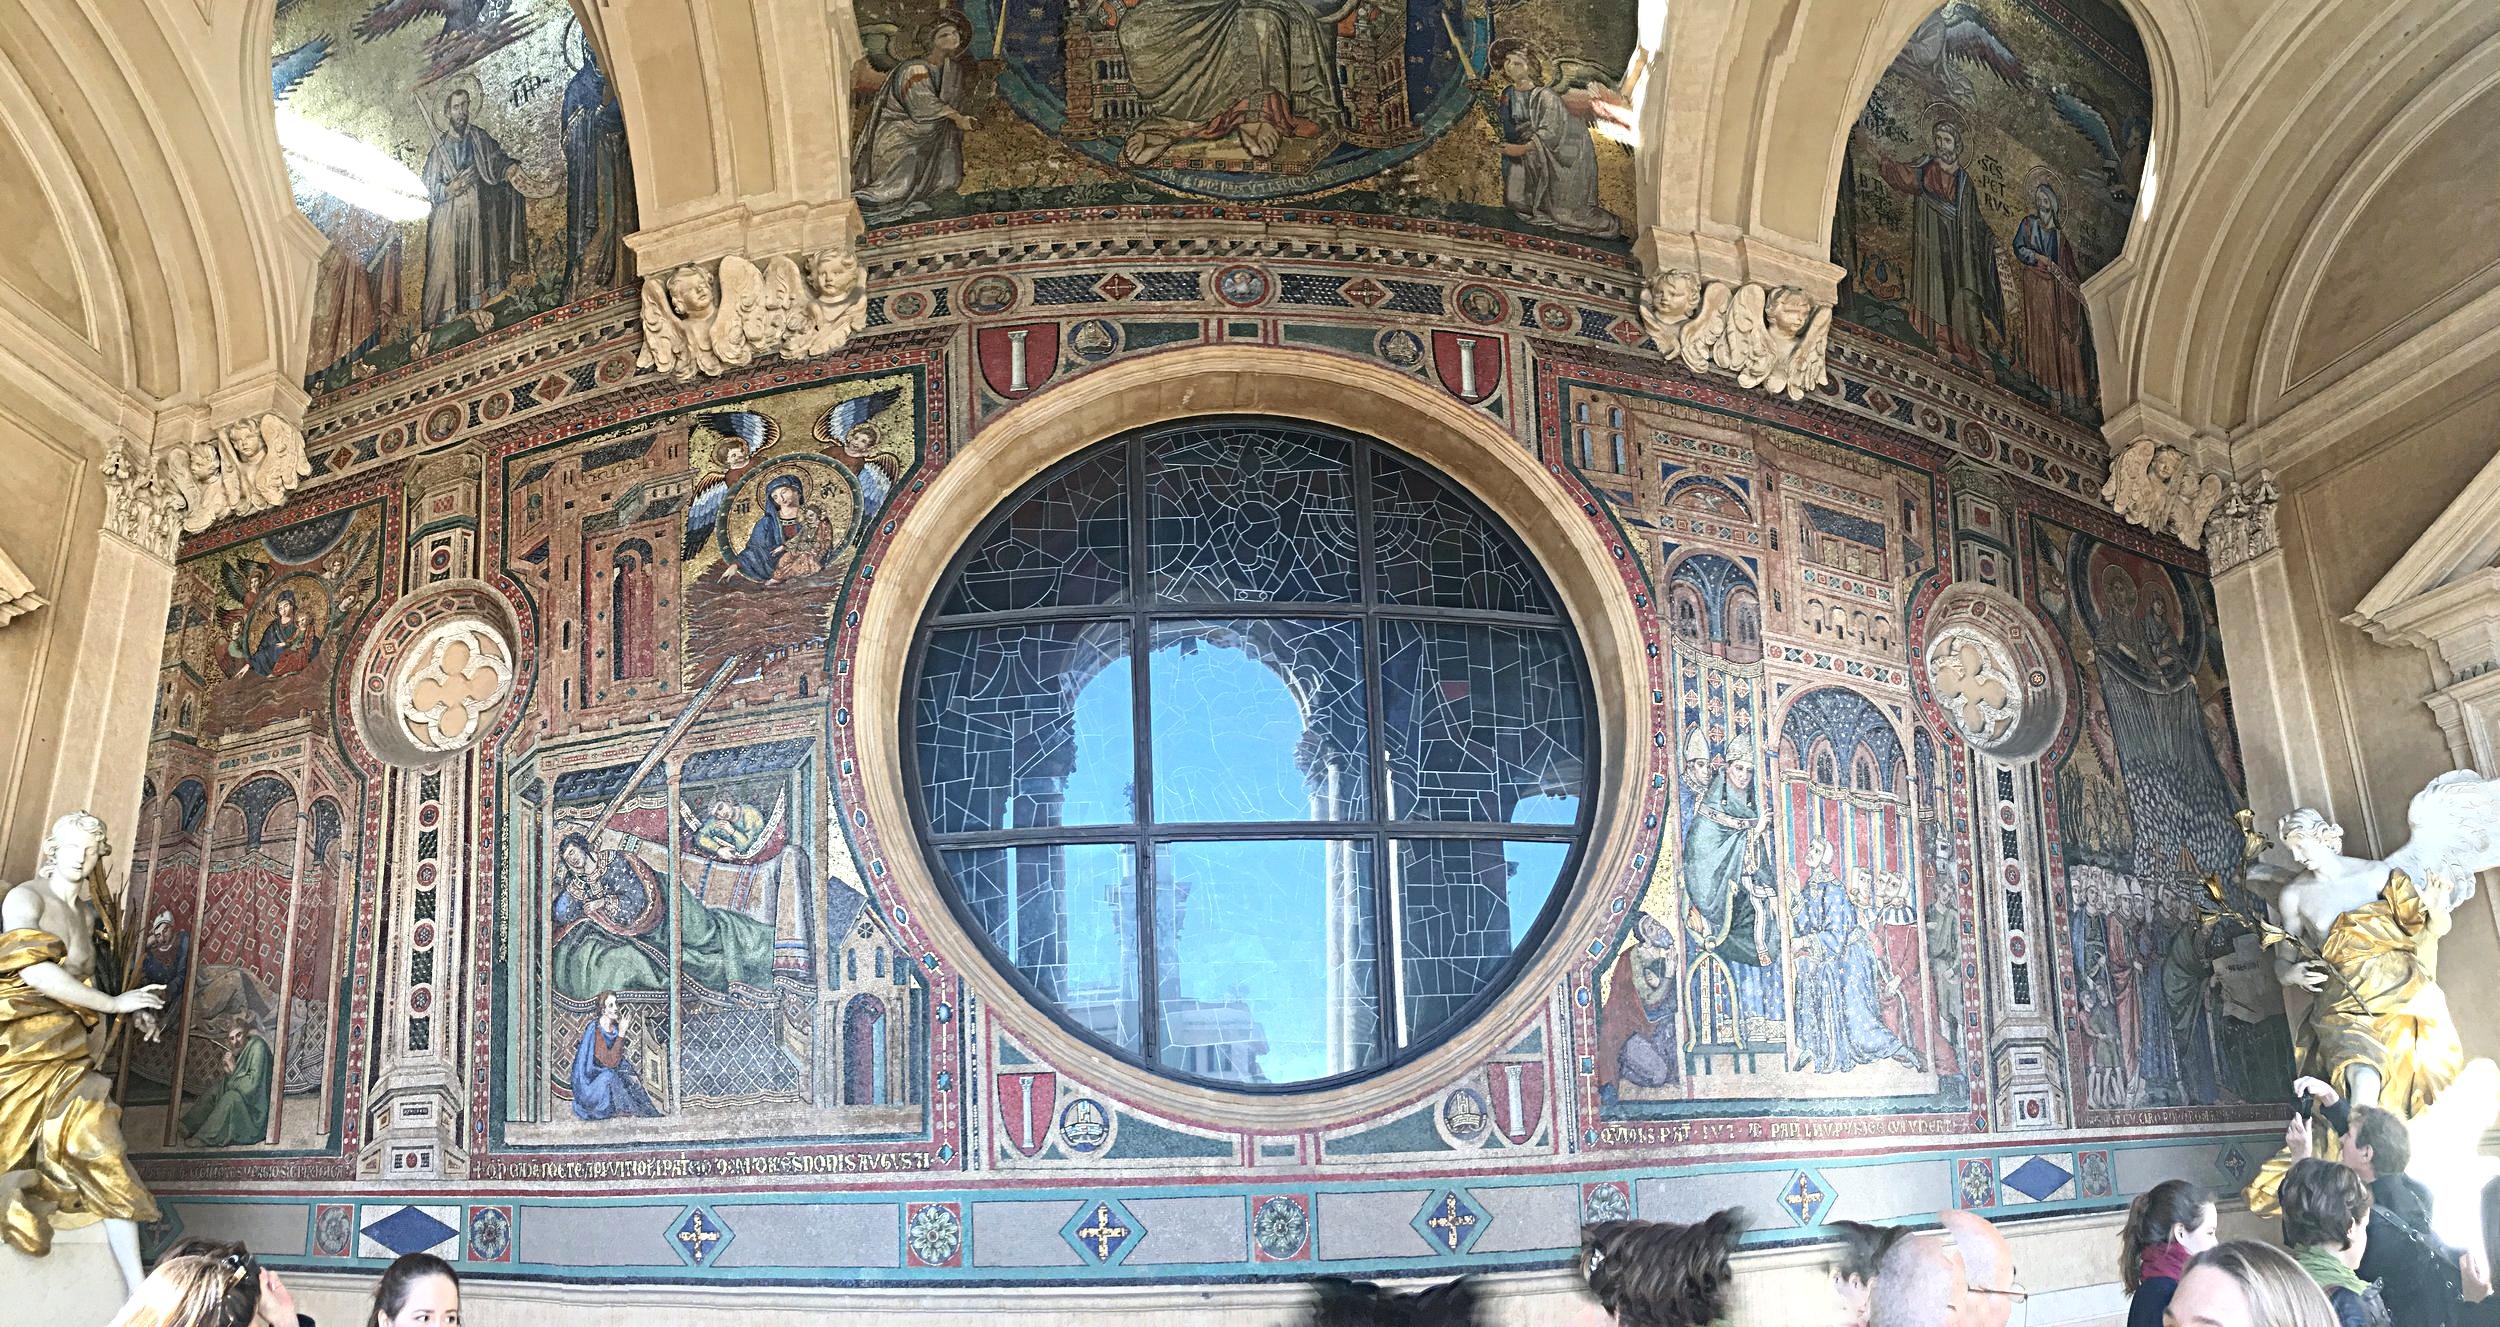 O mosaico bizantino do século XIII faz parte do que era a fachada original da Igreja. Ela foi aumentada algumas vezes e sofreu com o terremoto de 1348. O terraço que hoje existe protegendo o mosaico é uma das adições feitas ao longo do tempo.